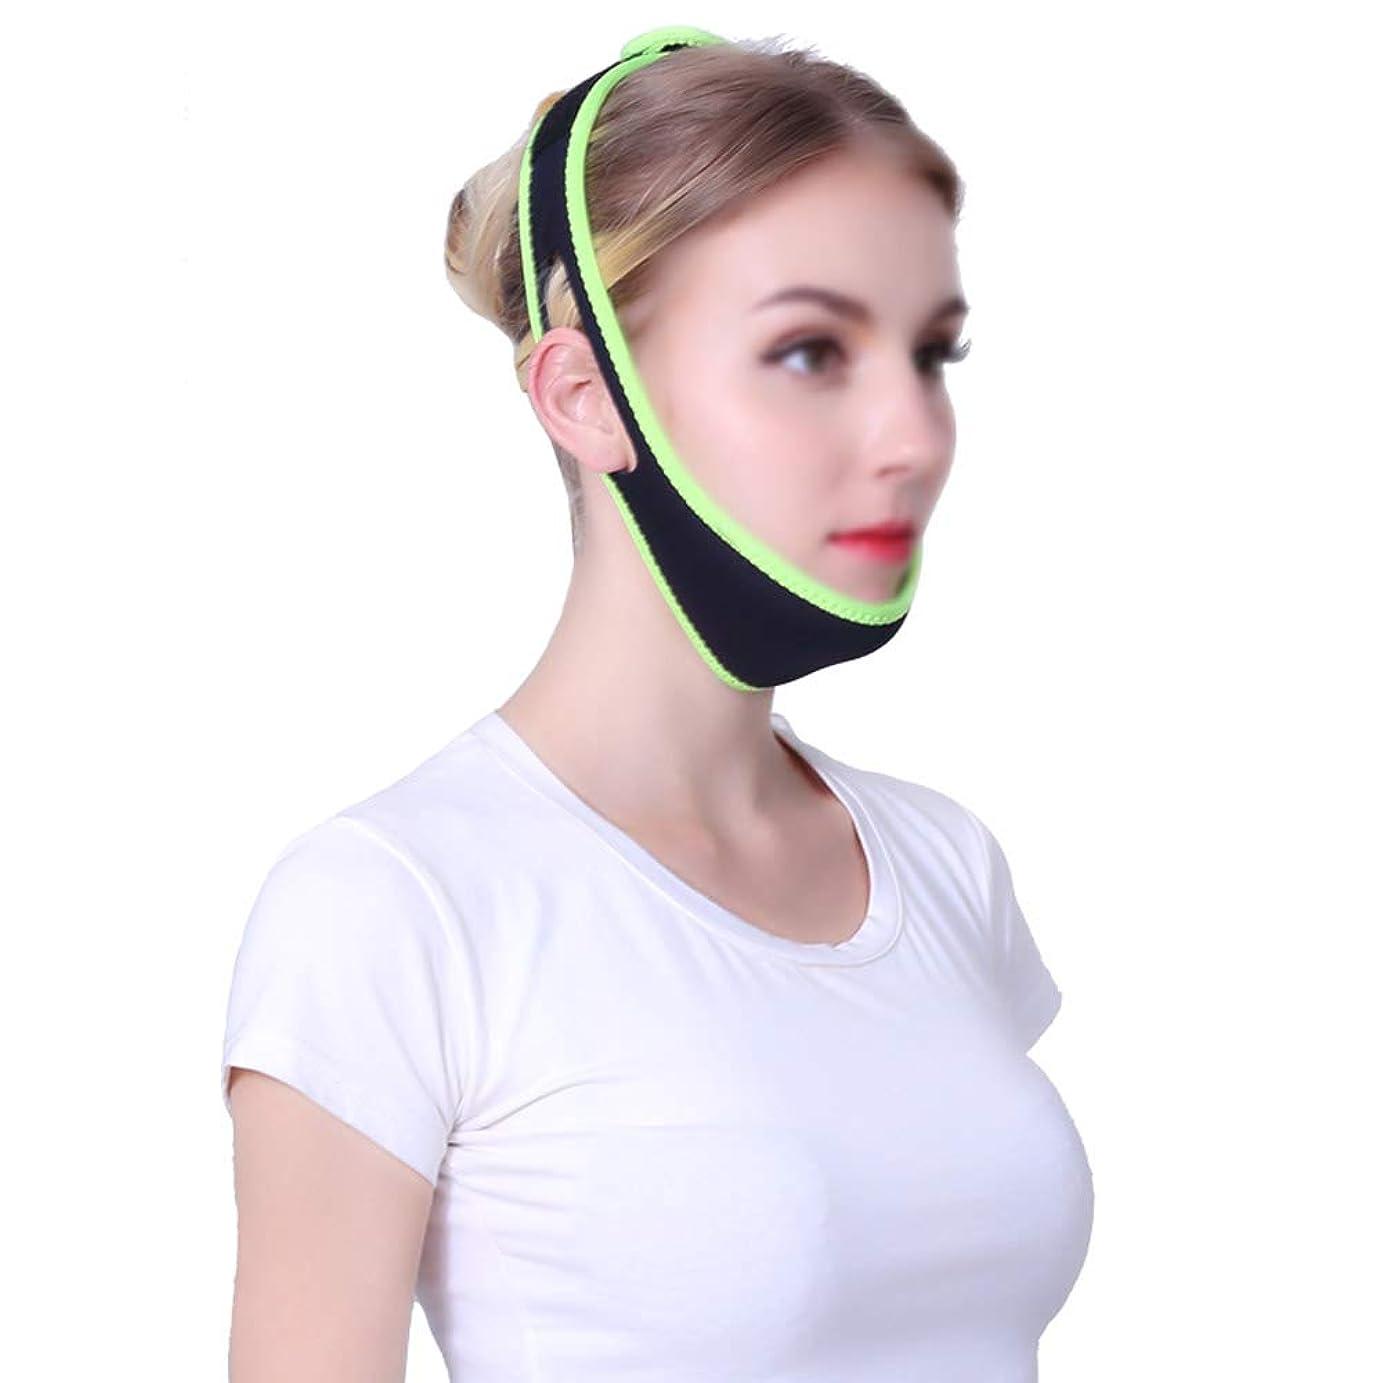 スポークスマンすり相関するGLJJQMY 引き締めフェイスマスク小型Vフェイスアーティファクト睡眠薄いフェイス包帯マスクリフティングマスク引き締めクリームフェイスリフティングフェイス楽器 顔用整形マスク